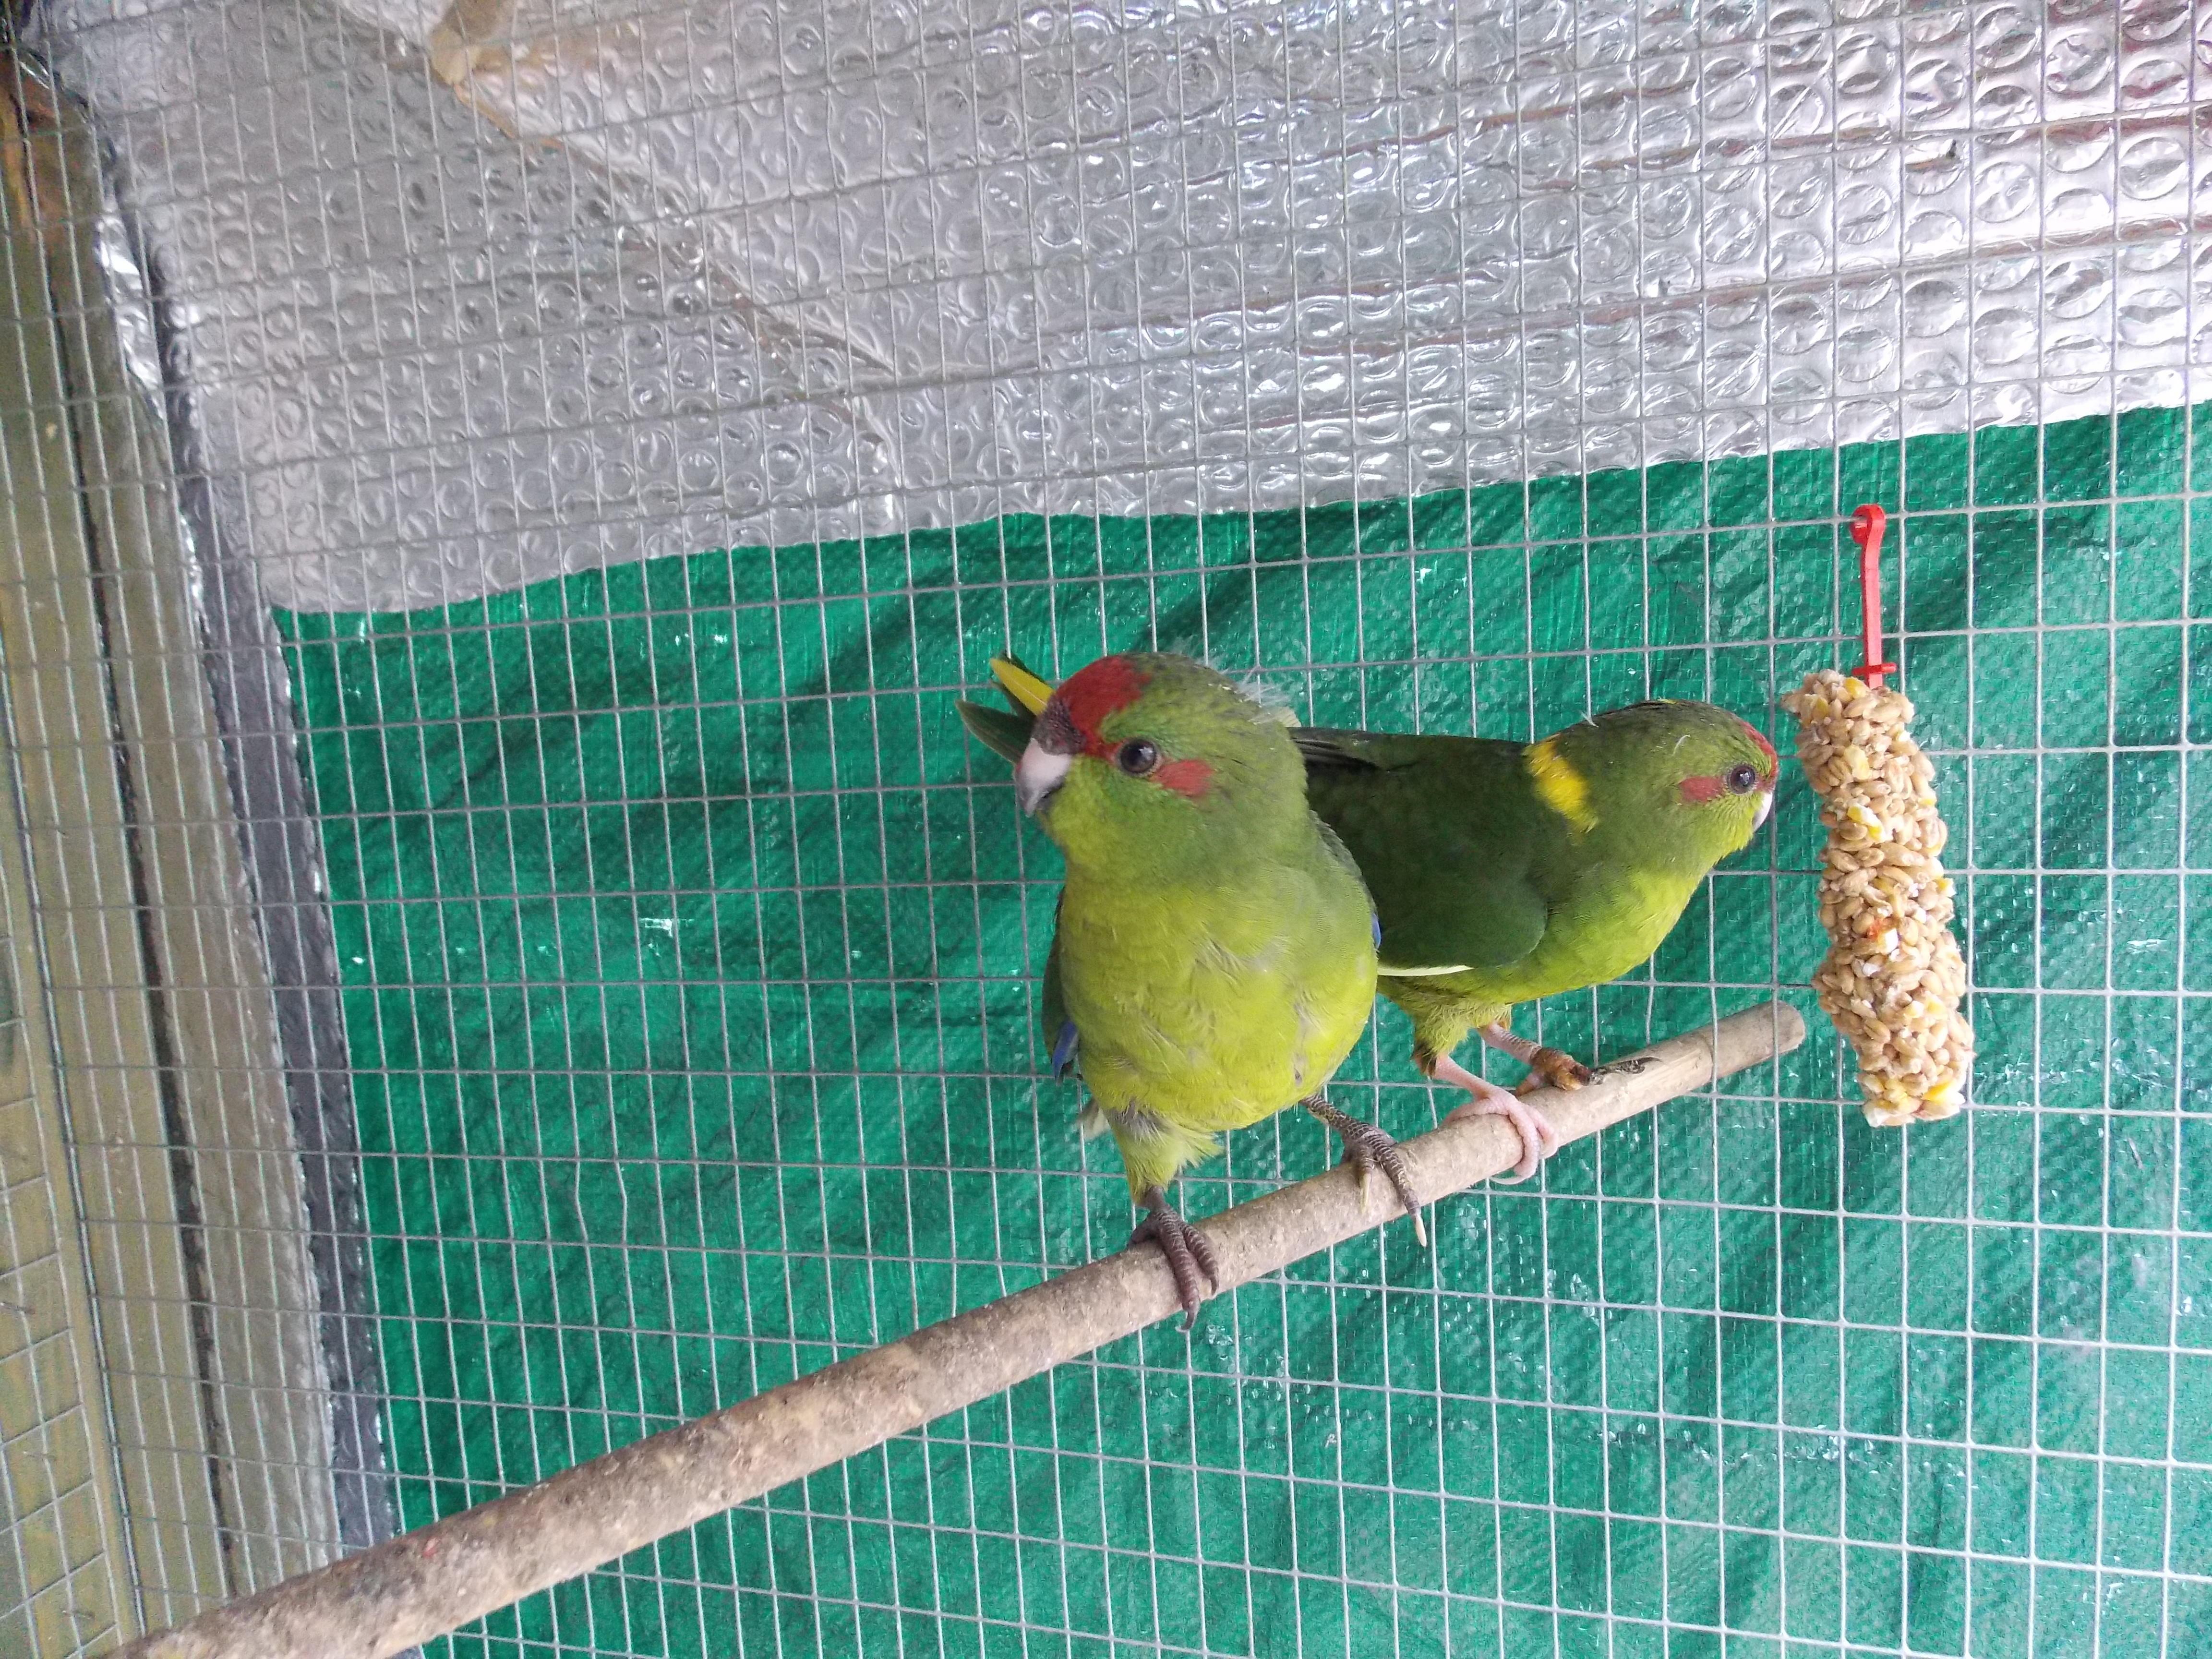 2 Kakariki birds born April 2019 in Billingshurst - Sold